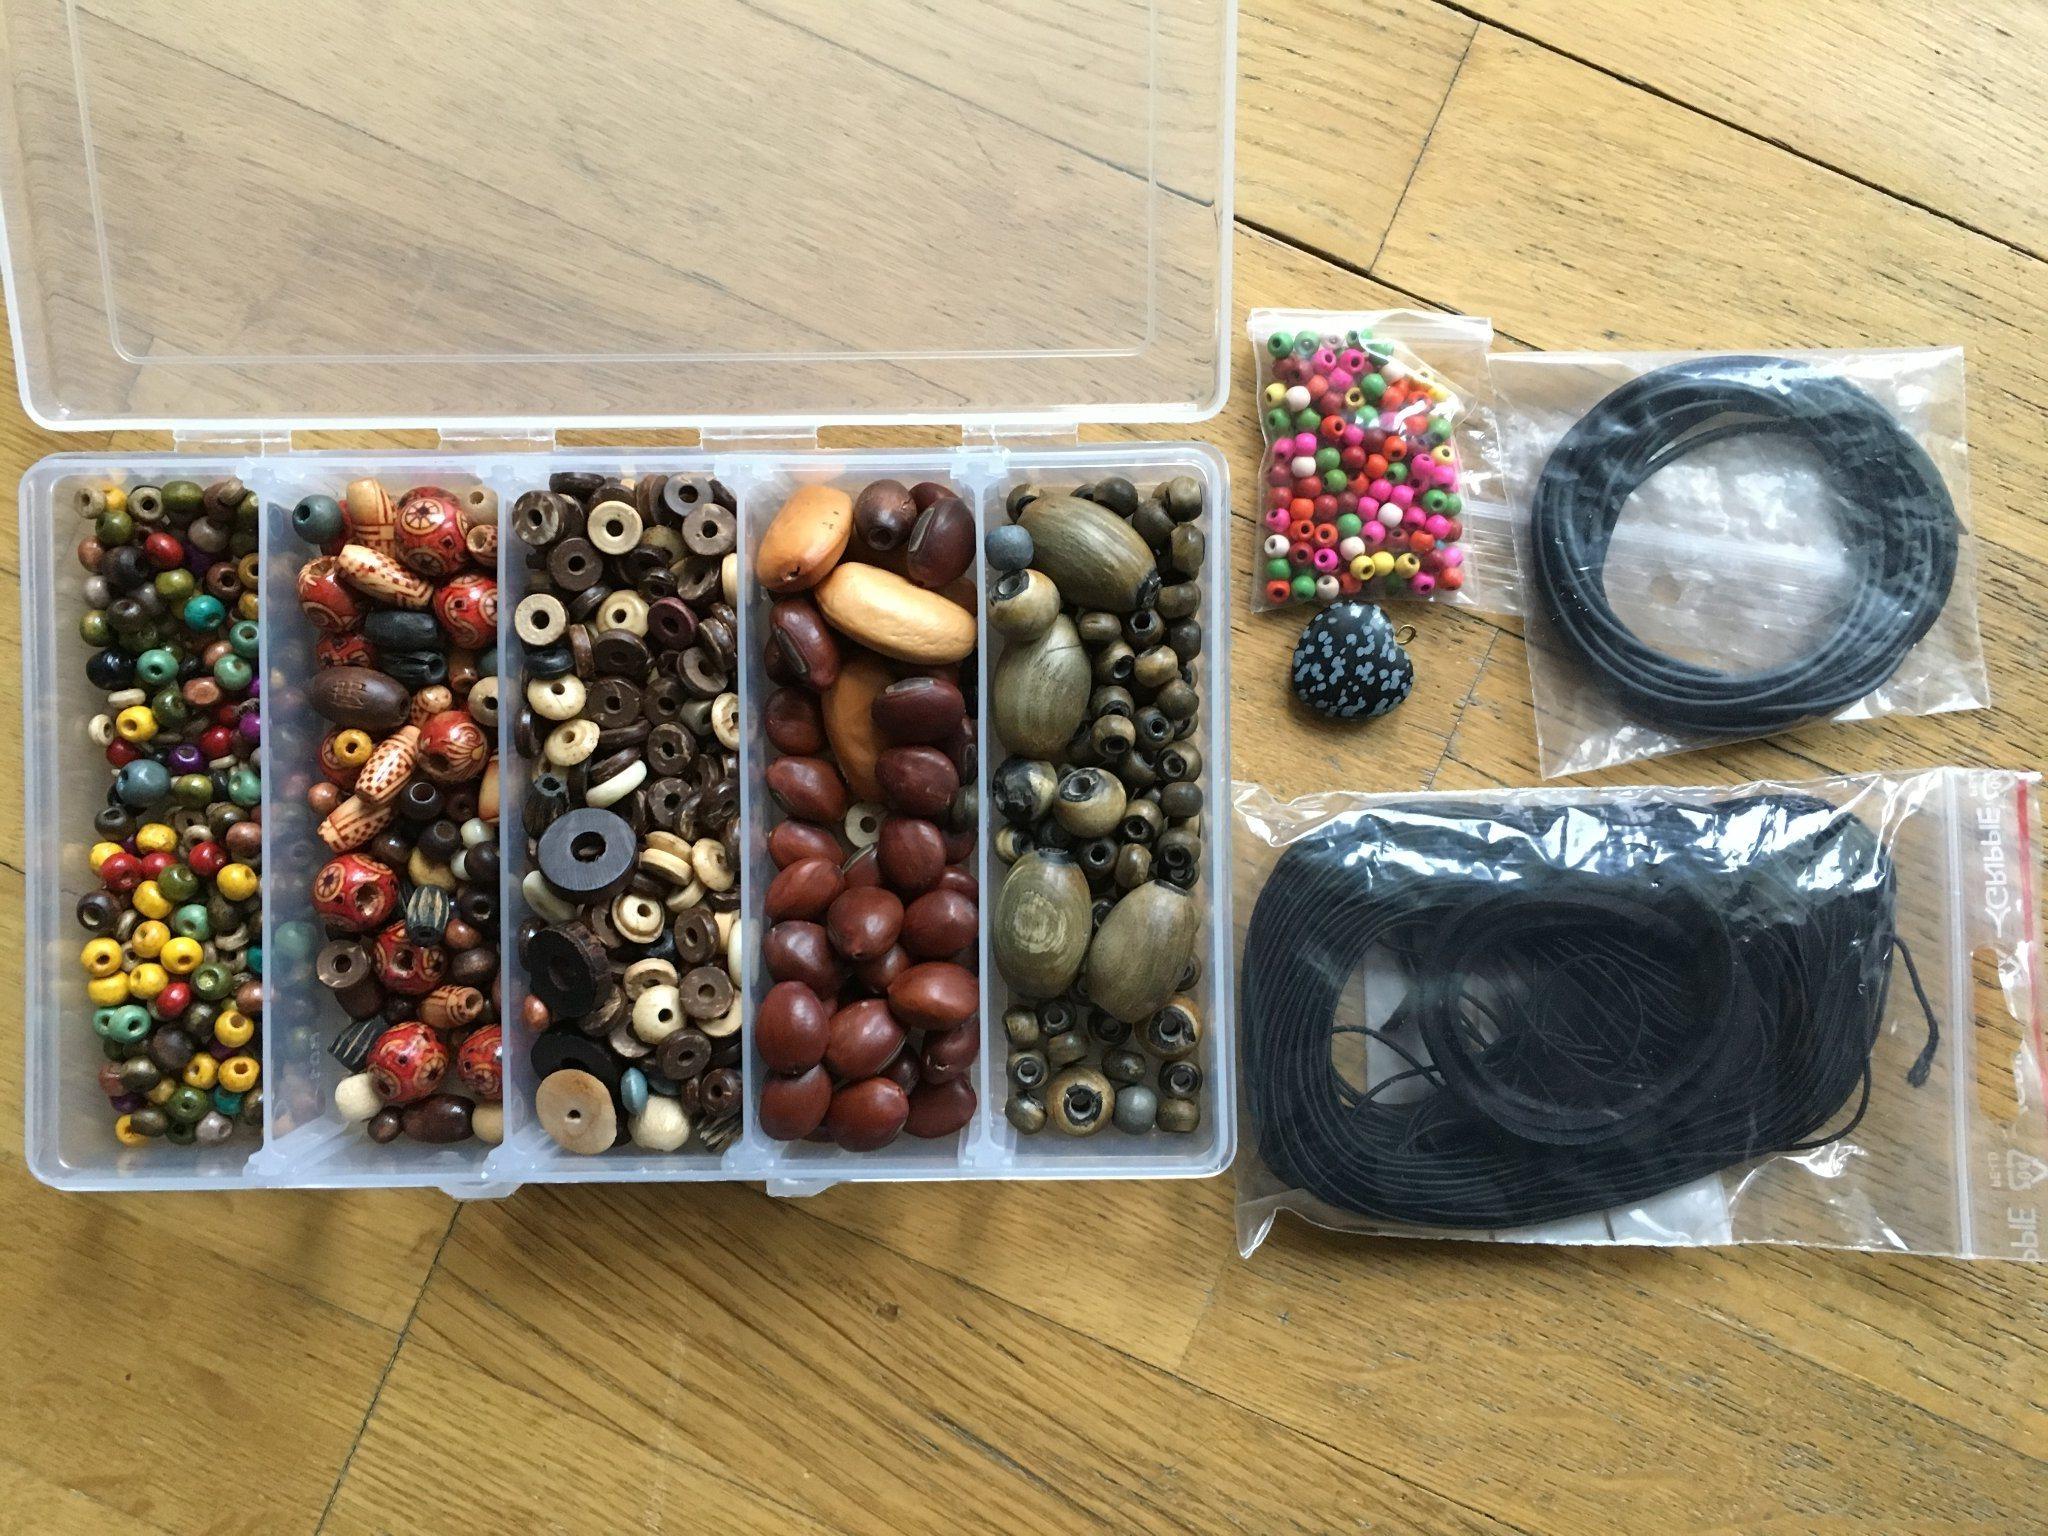 Stort paket för smyckestillverkning 13 - divers.. (340187818) ᐈ Köp ... 800360d0ce50e